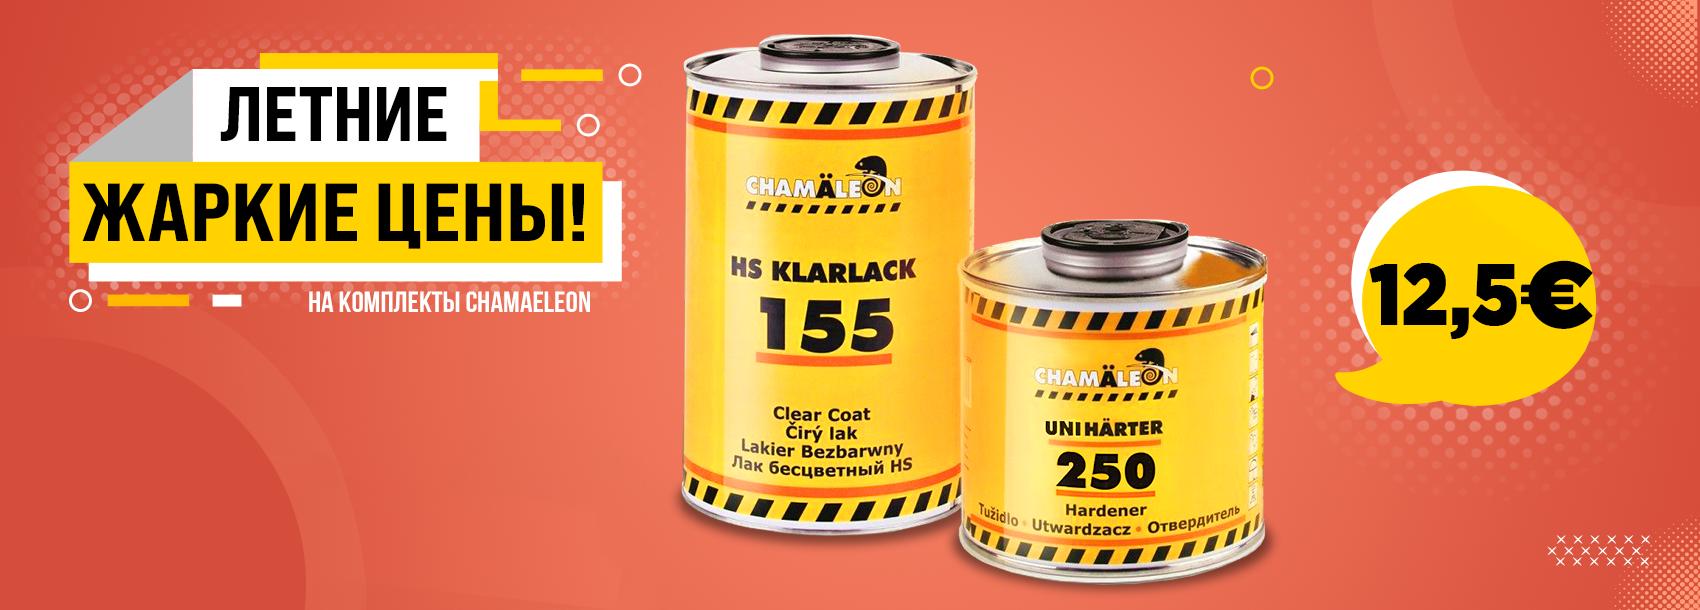 Специальная цена августа на комплект бесцветного лака и отвердителя HS Chamaeleon – 12.5 EUR